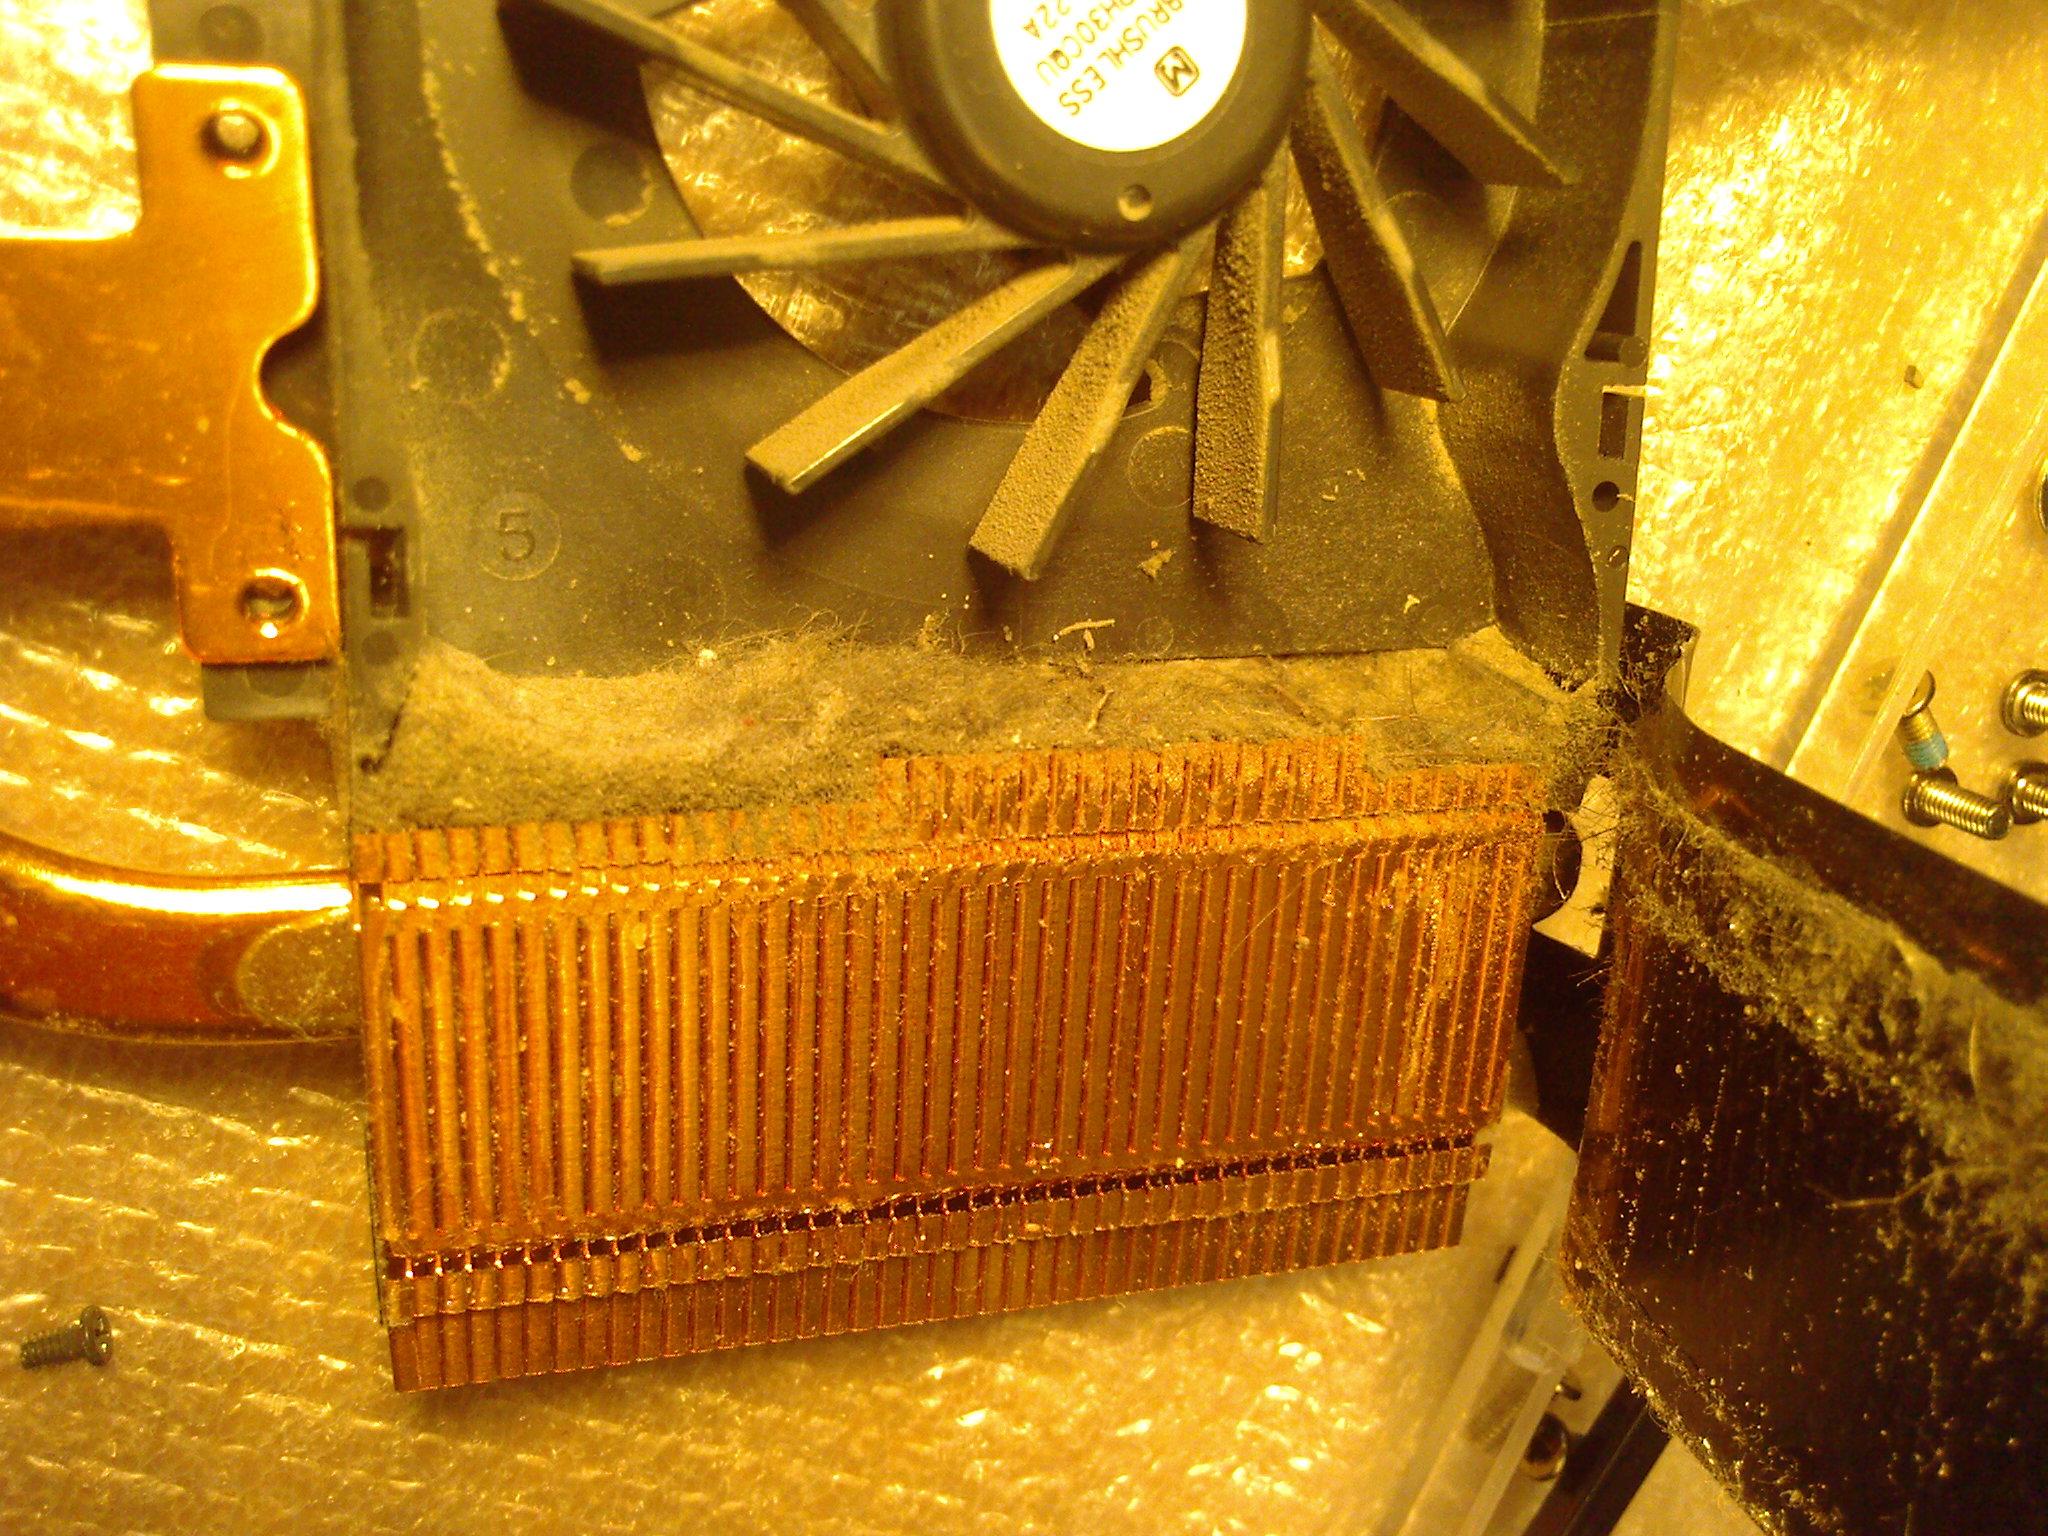 Система охолодження ноутбука до чищення